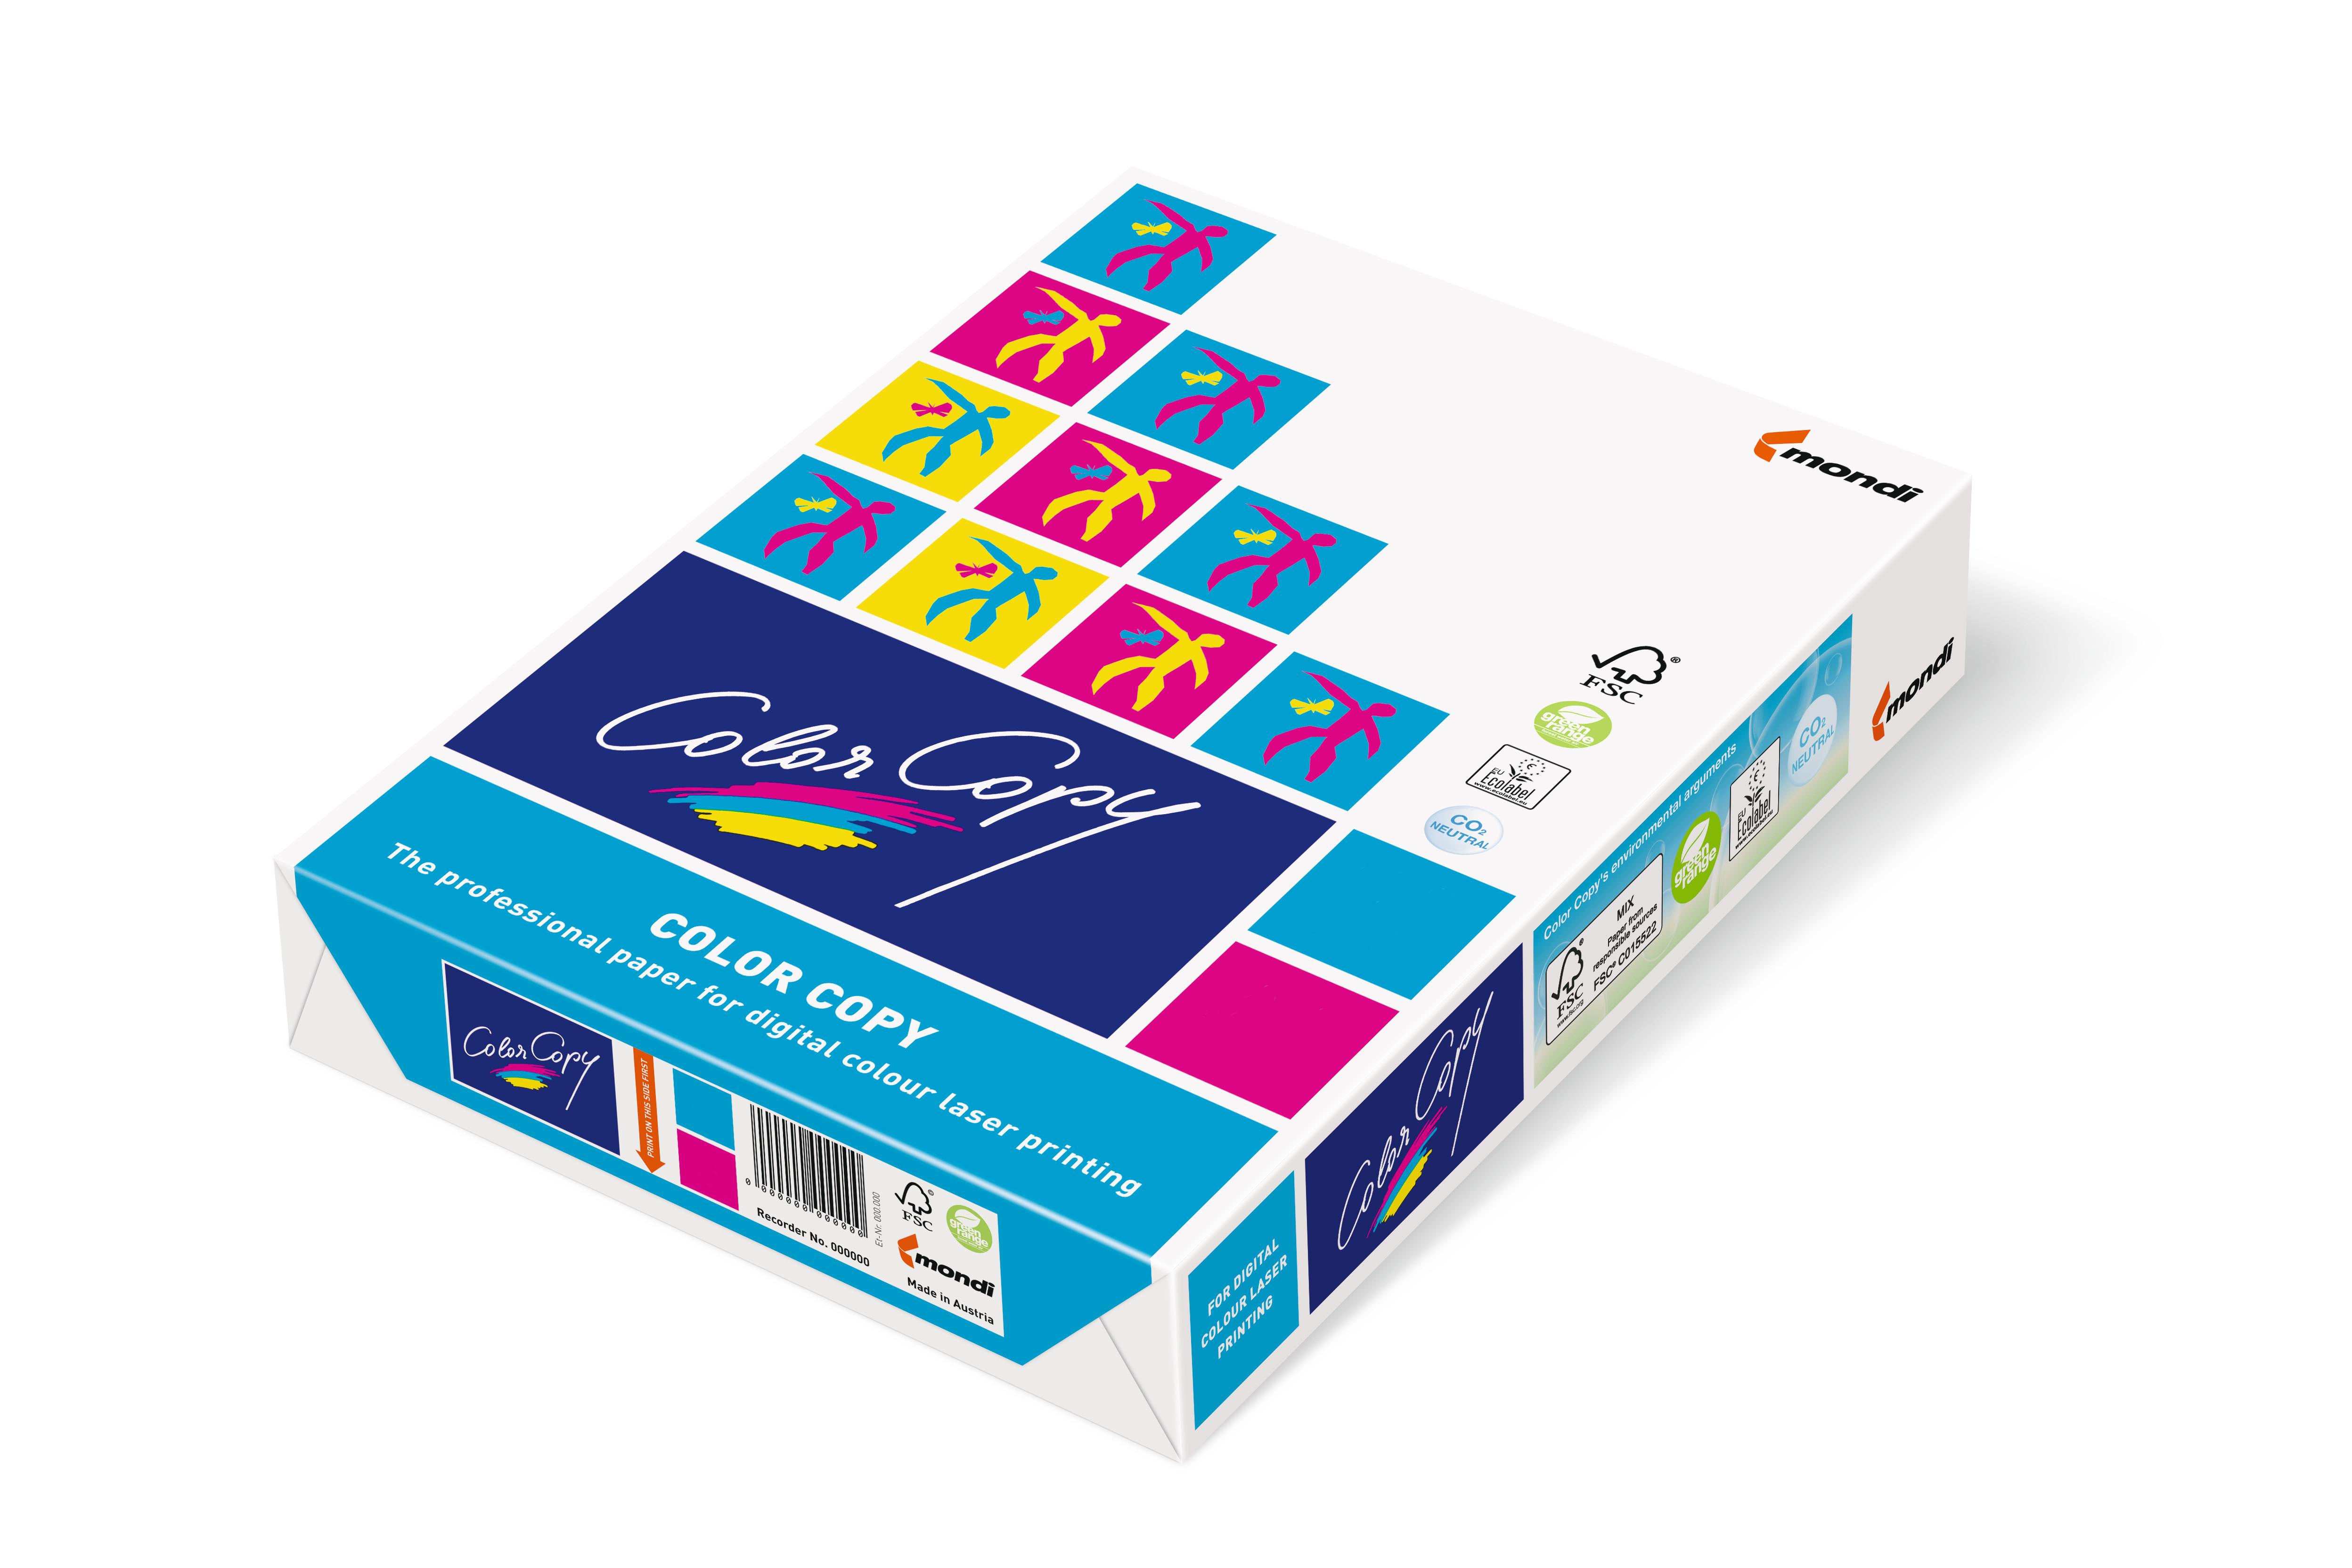 Vorschau: Mondi Color Copy Papier 90g/m² DIN-A3+ (457x305) - 500 Blatt